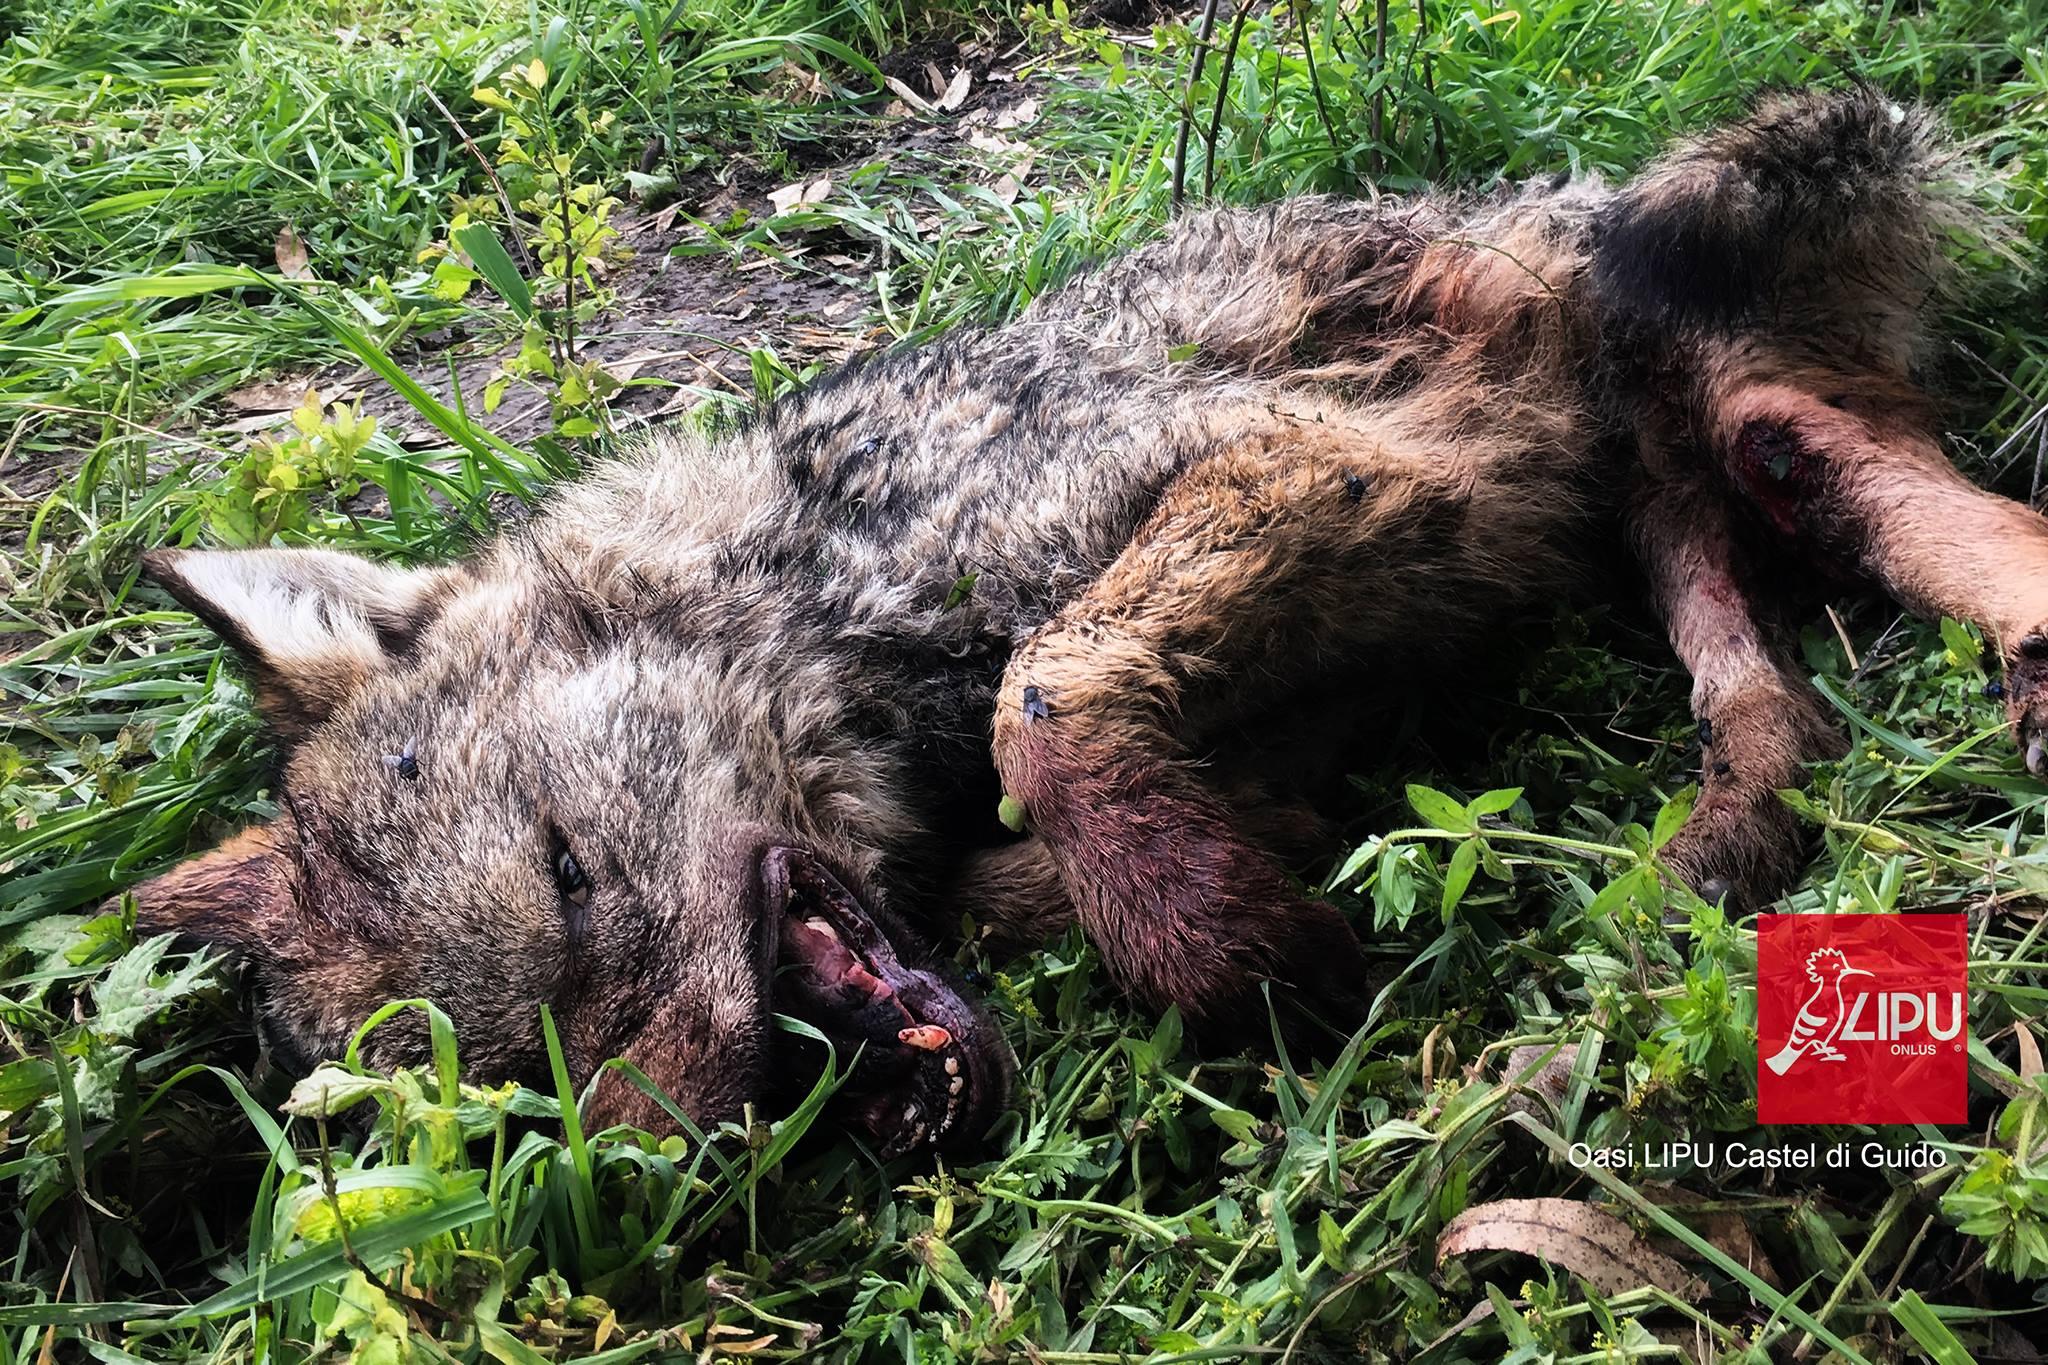 lupo disabile trovato morto 2